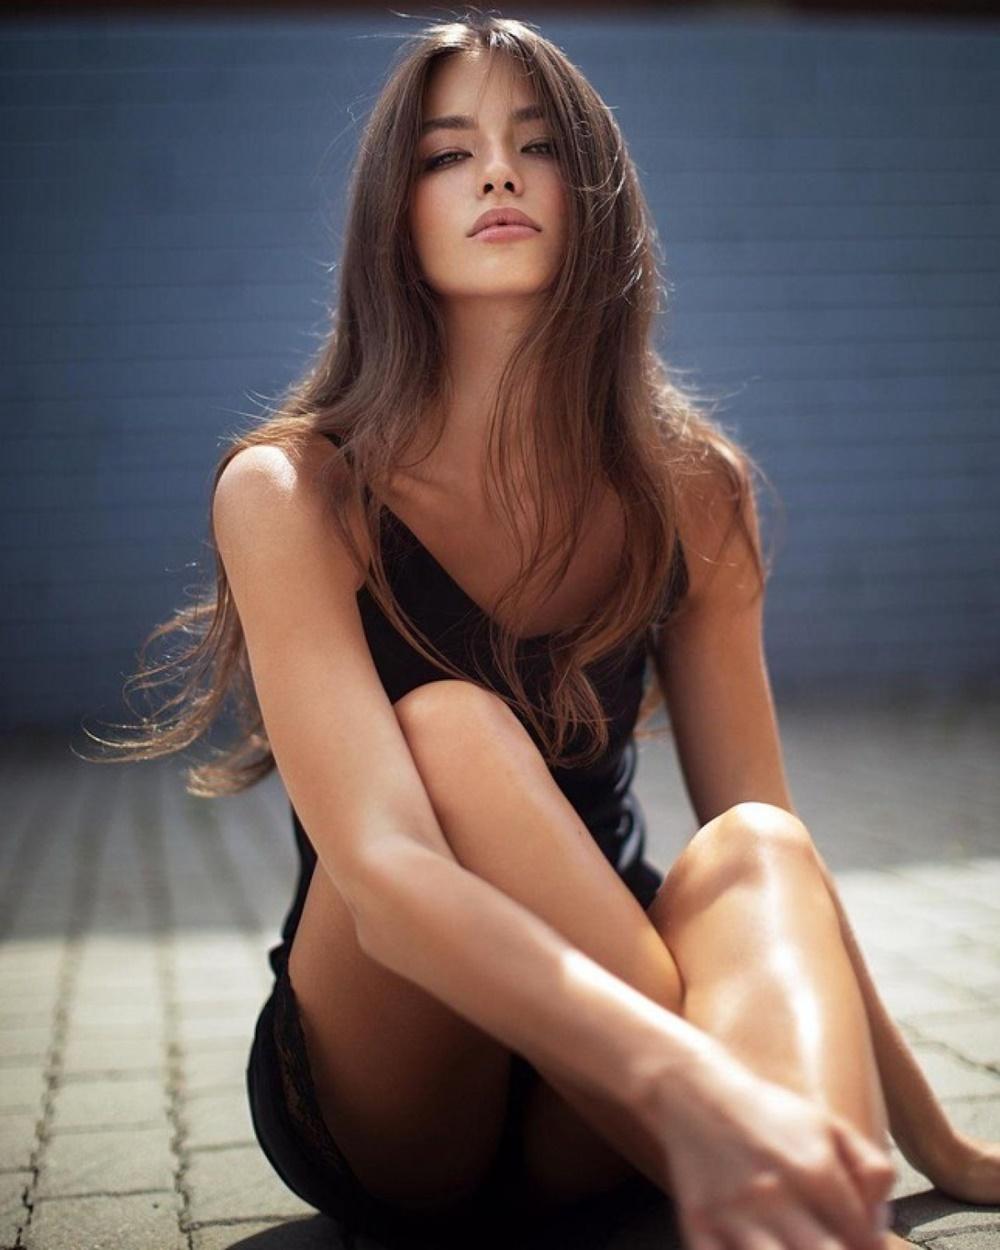 Ngỡ ngàng nhan sắc cô gái là hoa hậu mới của Nga, đẹp như tiên sa - ảnh 11